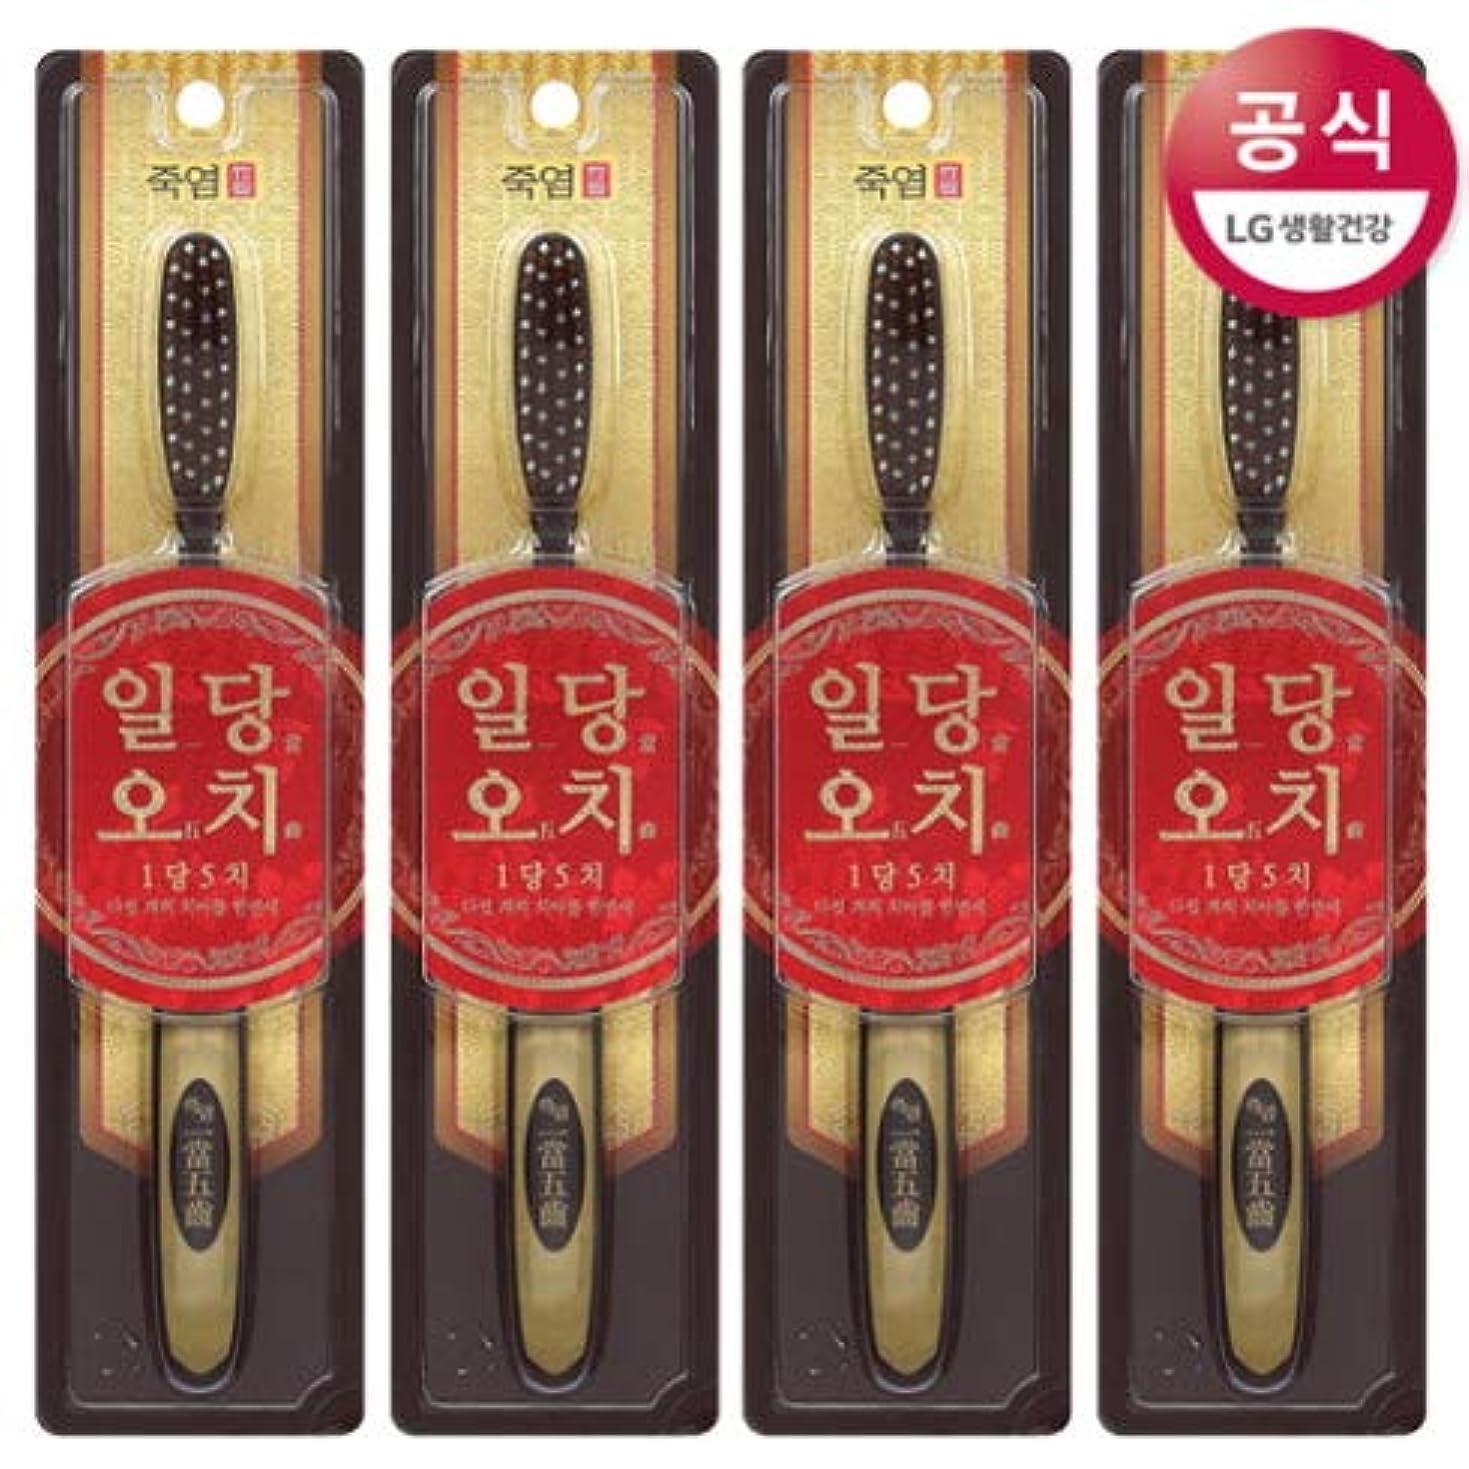 小包反論者エクスタシー[LG HnB] Bamboo Salt Oodi toothbrush/竹塩日当越智歯ブラシ 5つの(海外直送品)